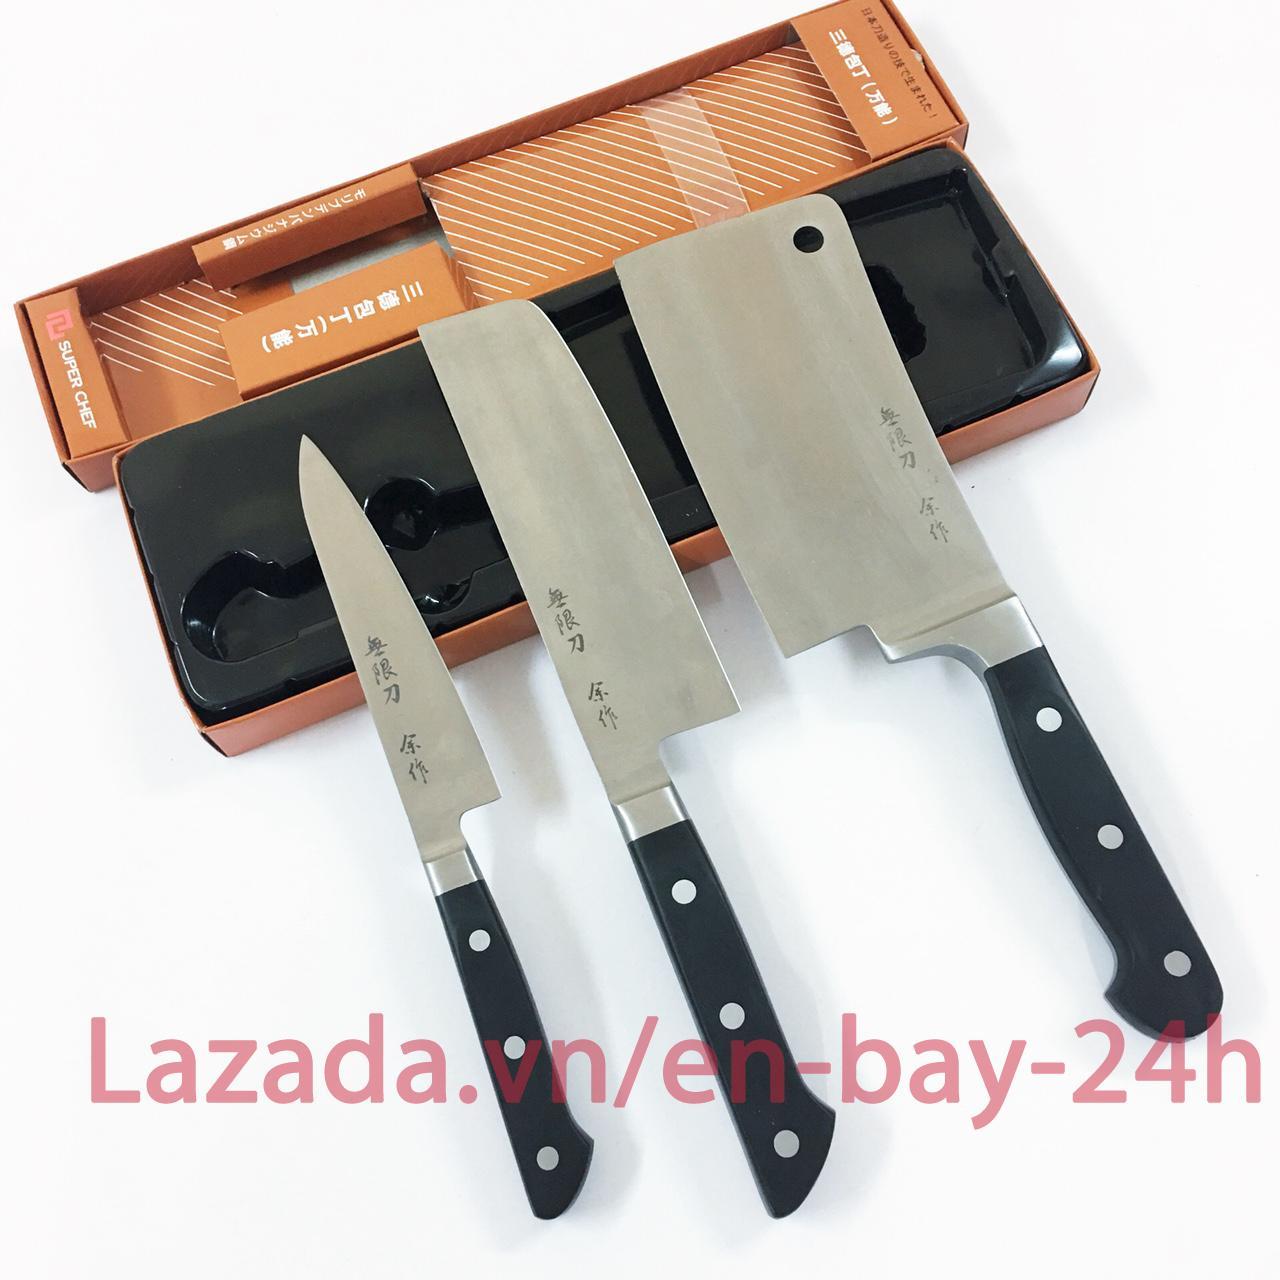 Bộ 3 Dao bếp cao cấp Super Chef Tiêu chuẩn Nhật Bản có Dao chặt xương nhỏ (bảo hành 12 tháng) - GAF